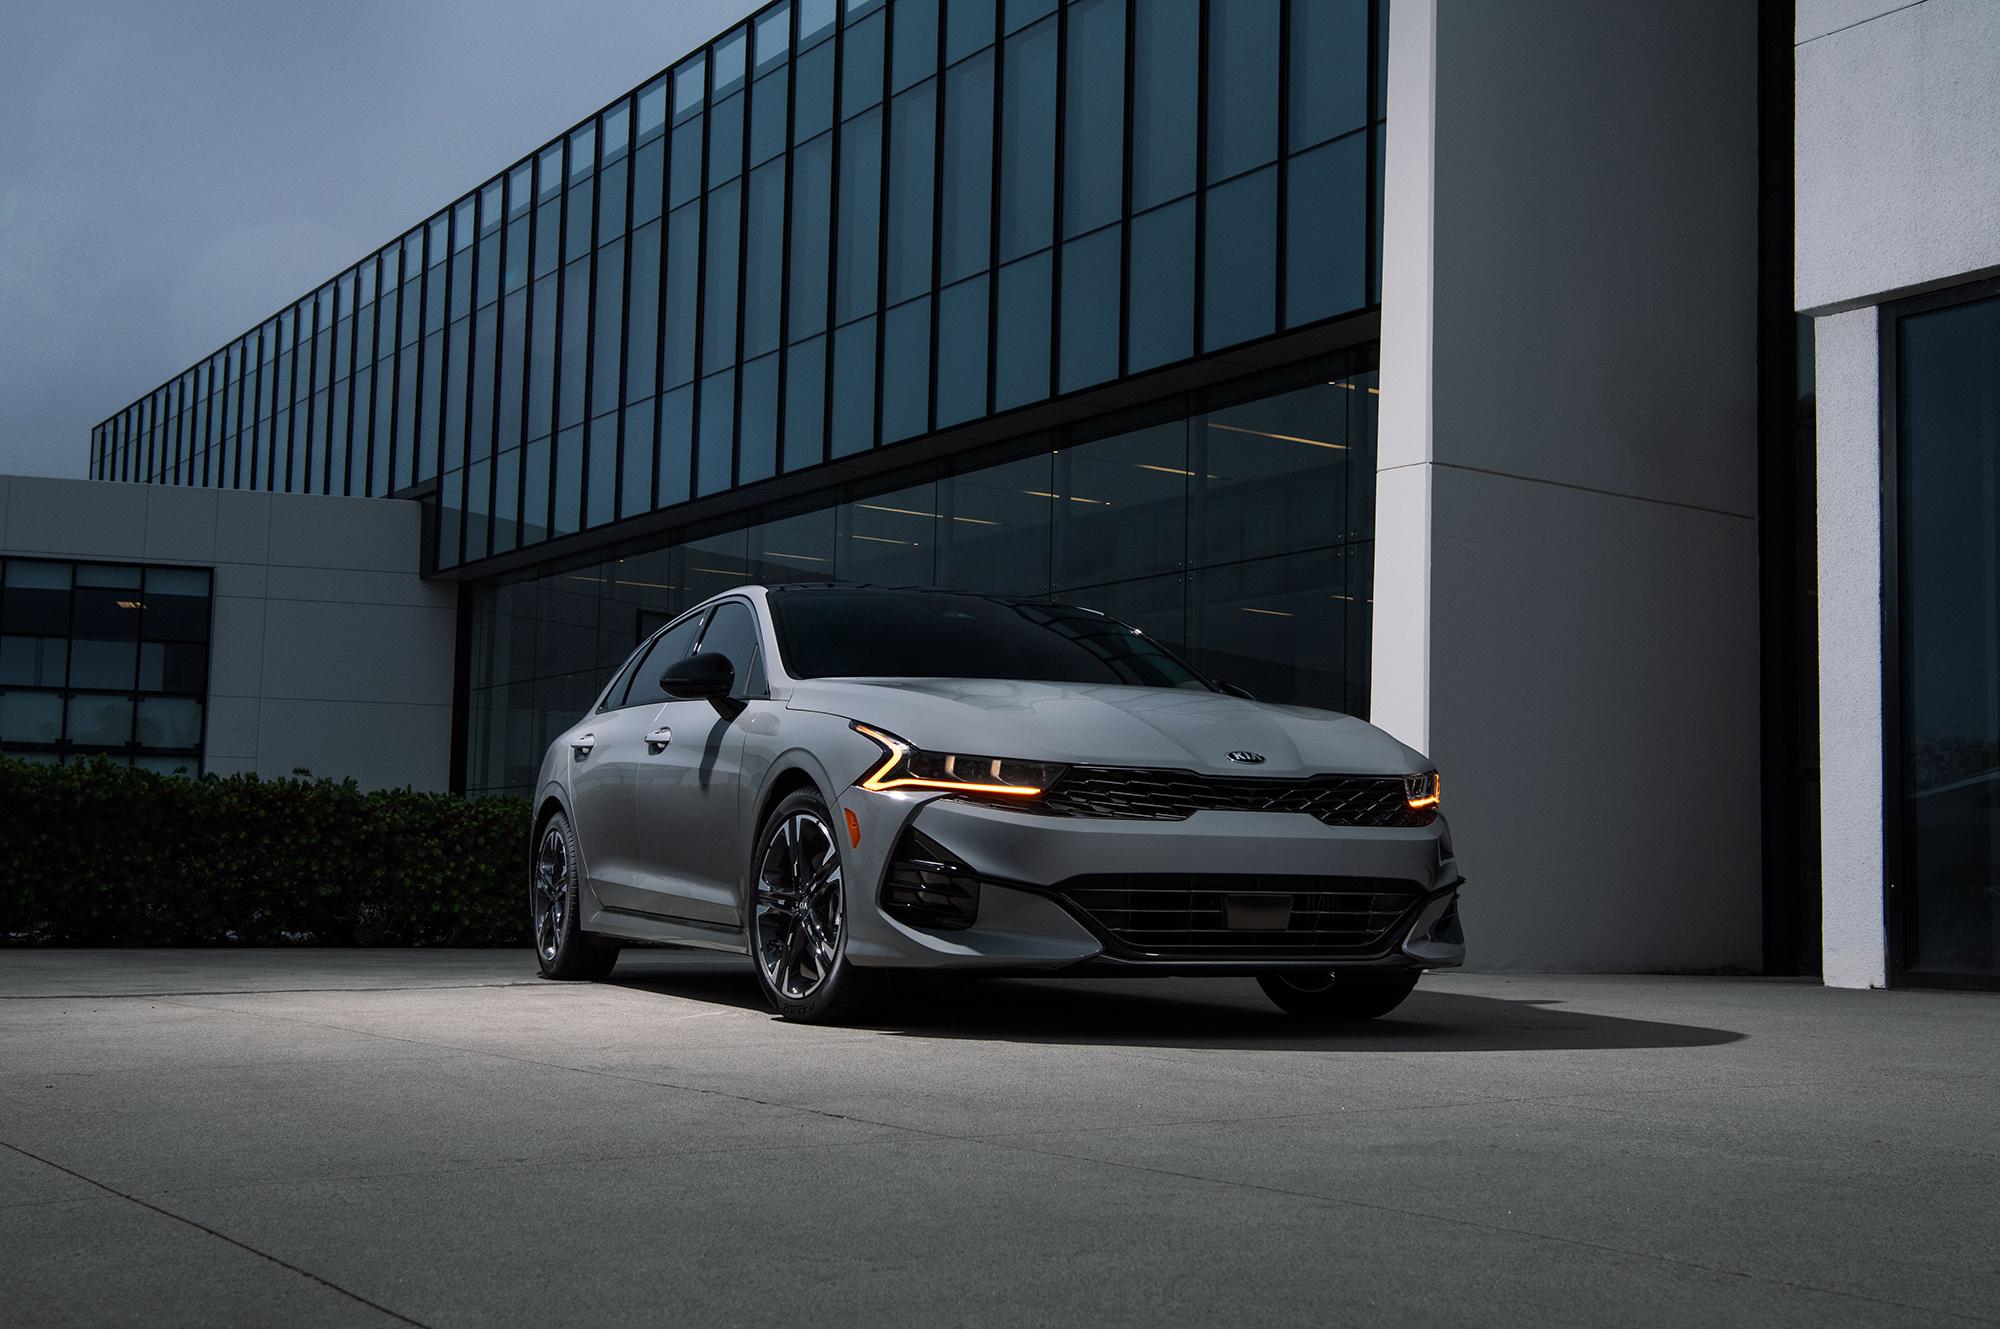 КИА К5 в США выделяется сочетанием двигателя и полного привода